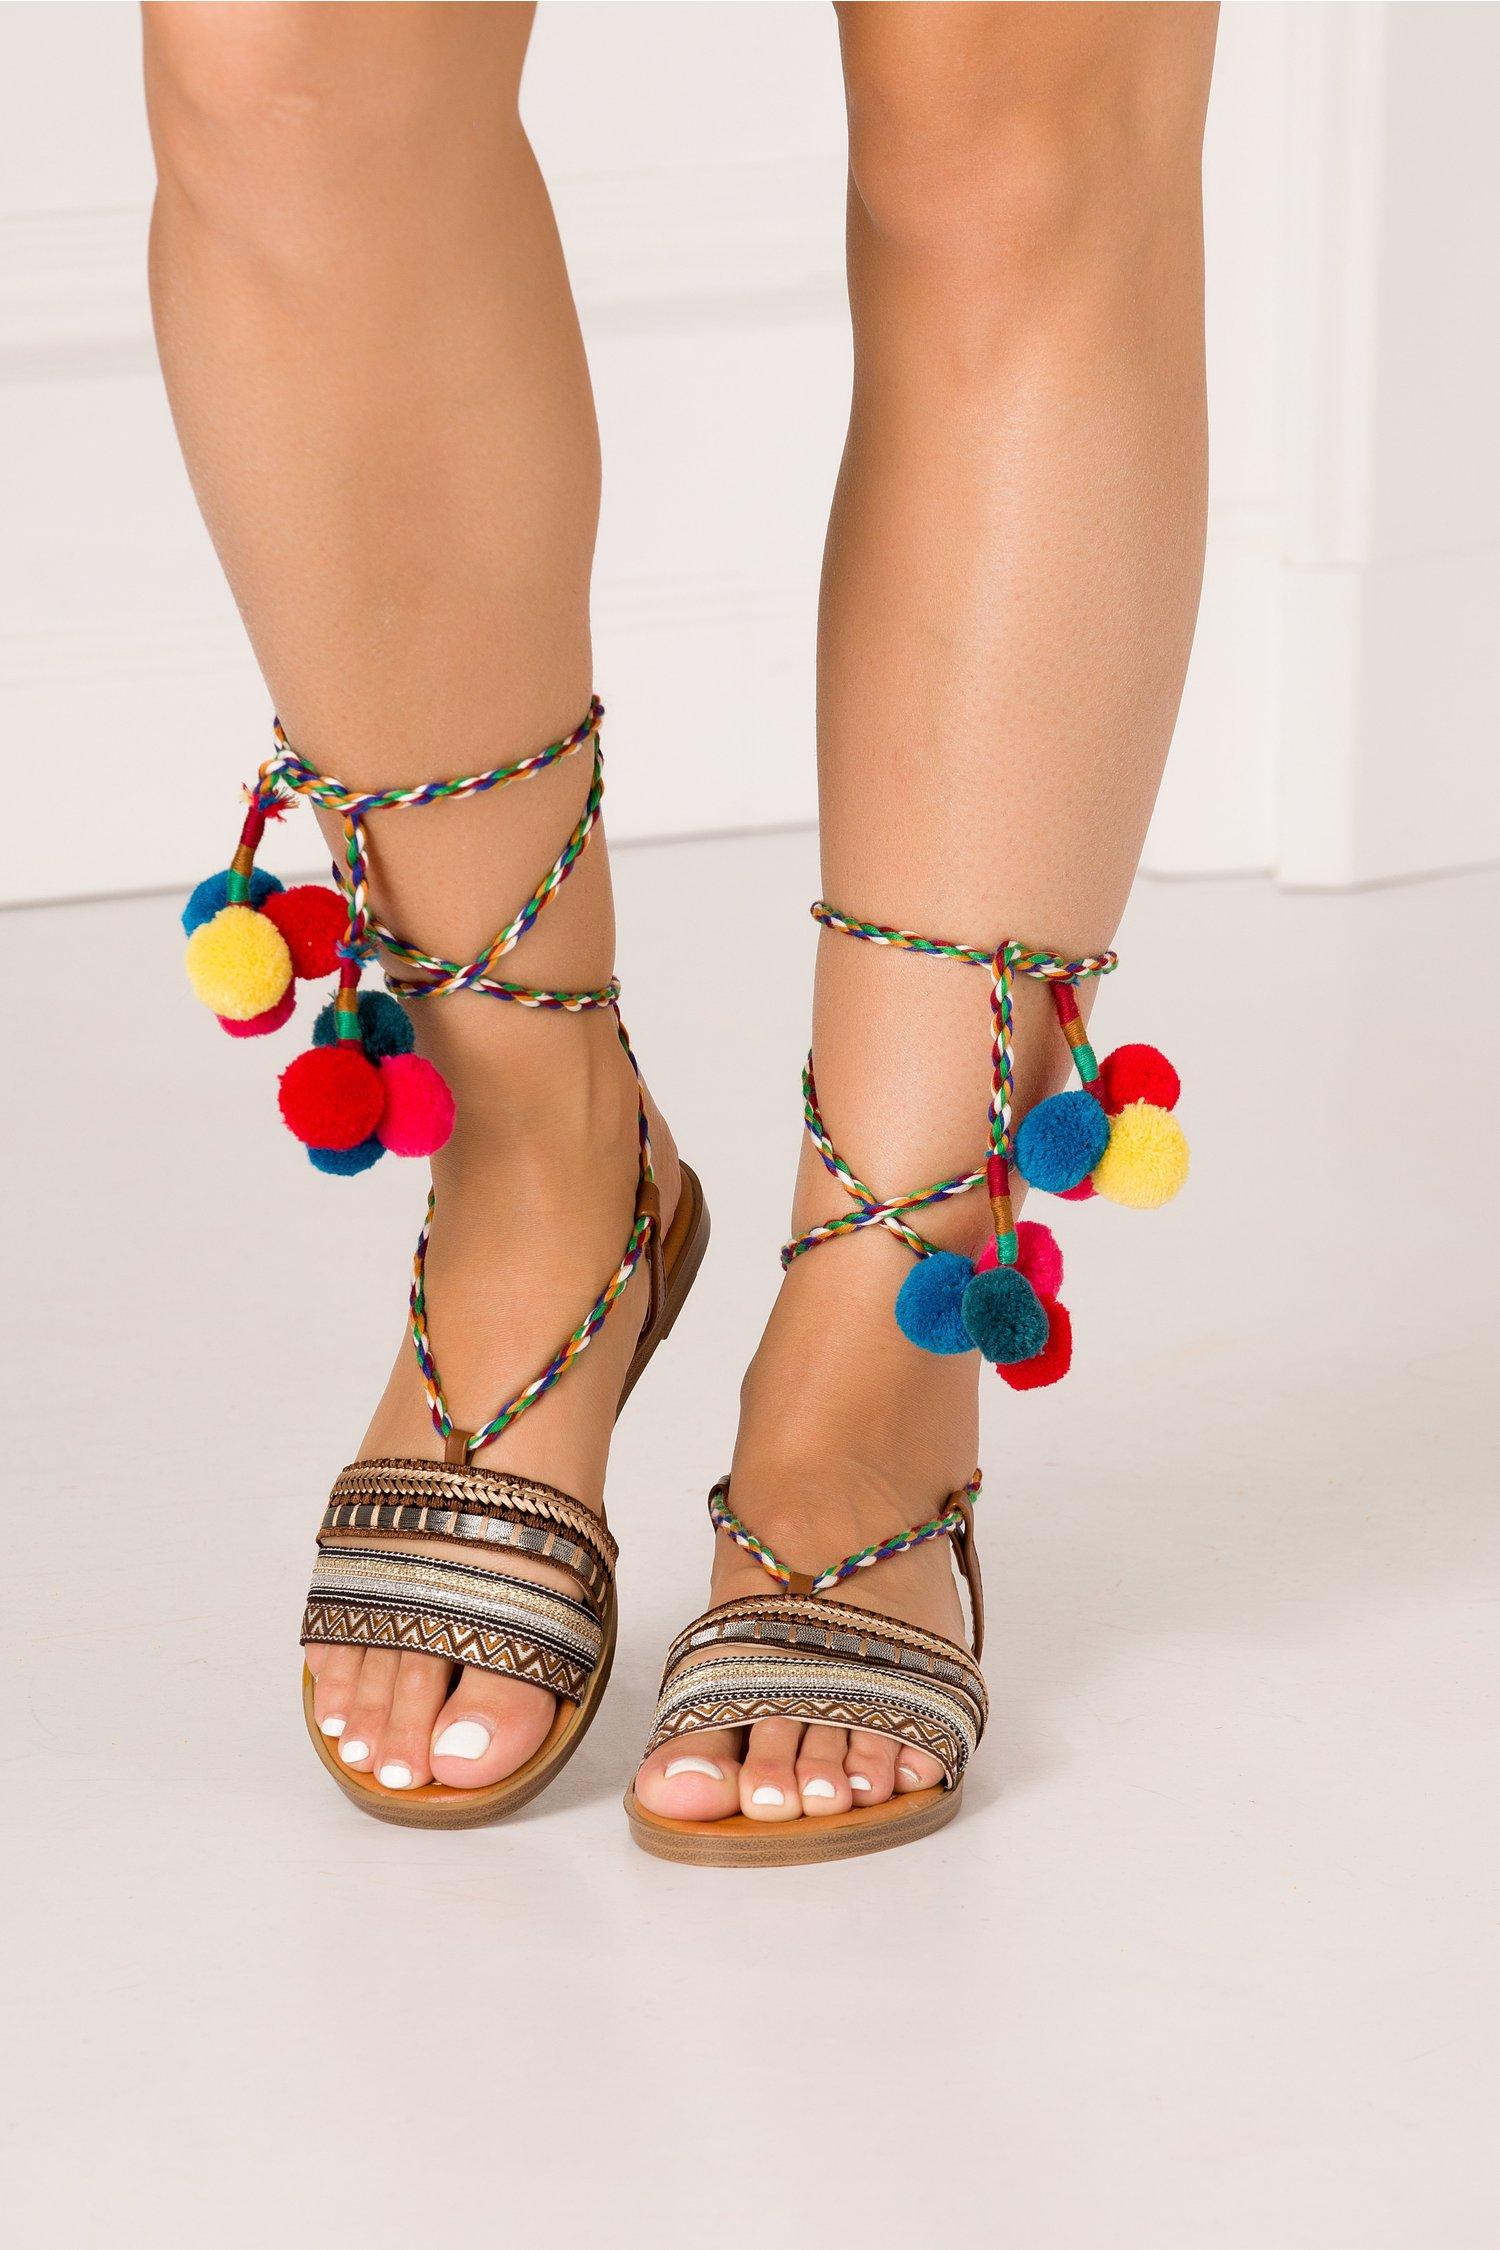 Sandale cu insertii aurii si argintii cu ciucuri multicolori